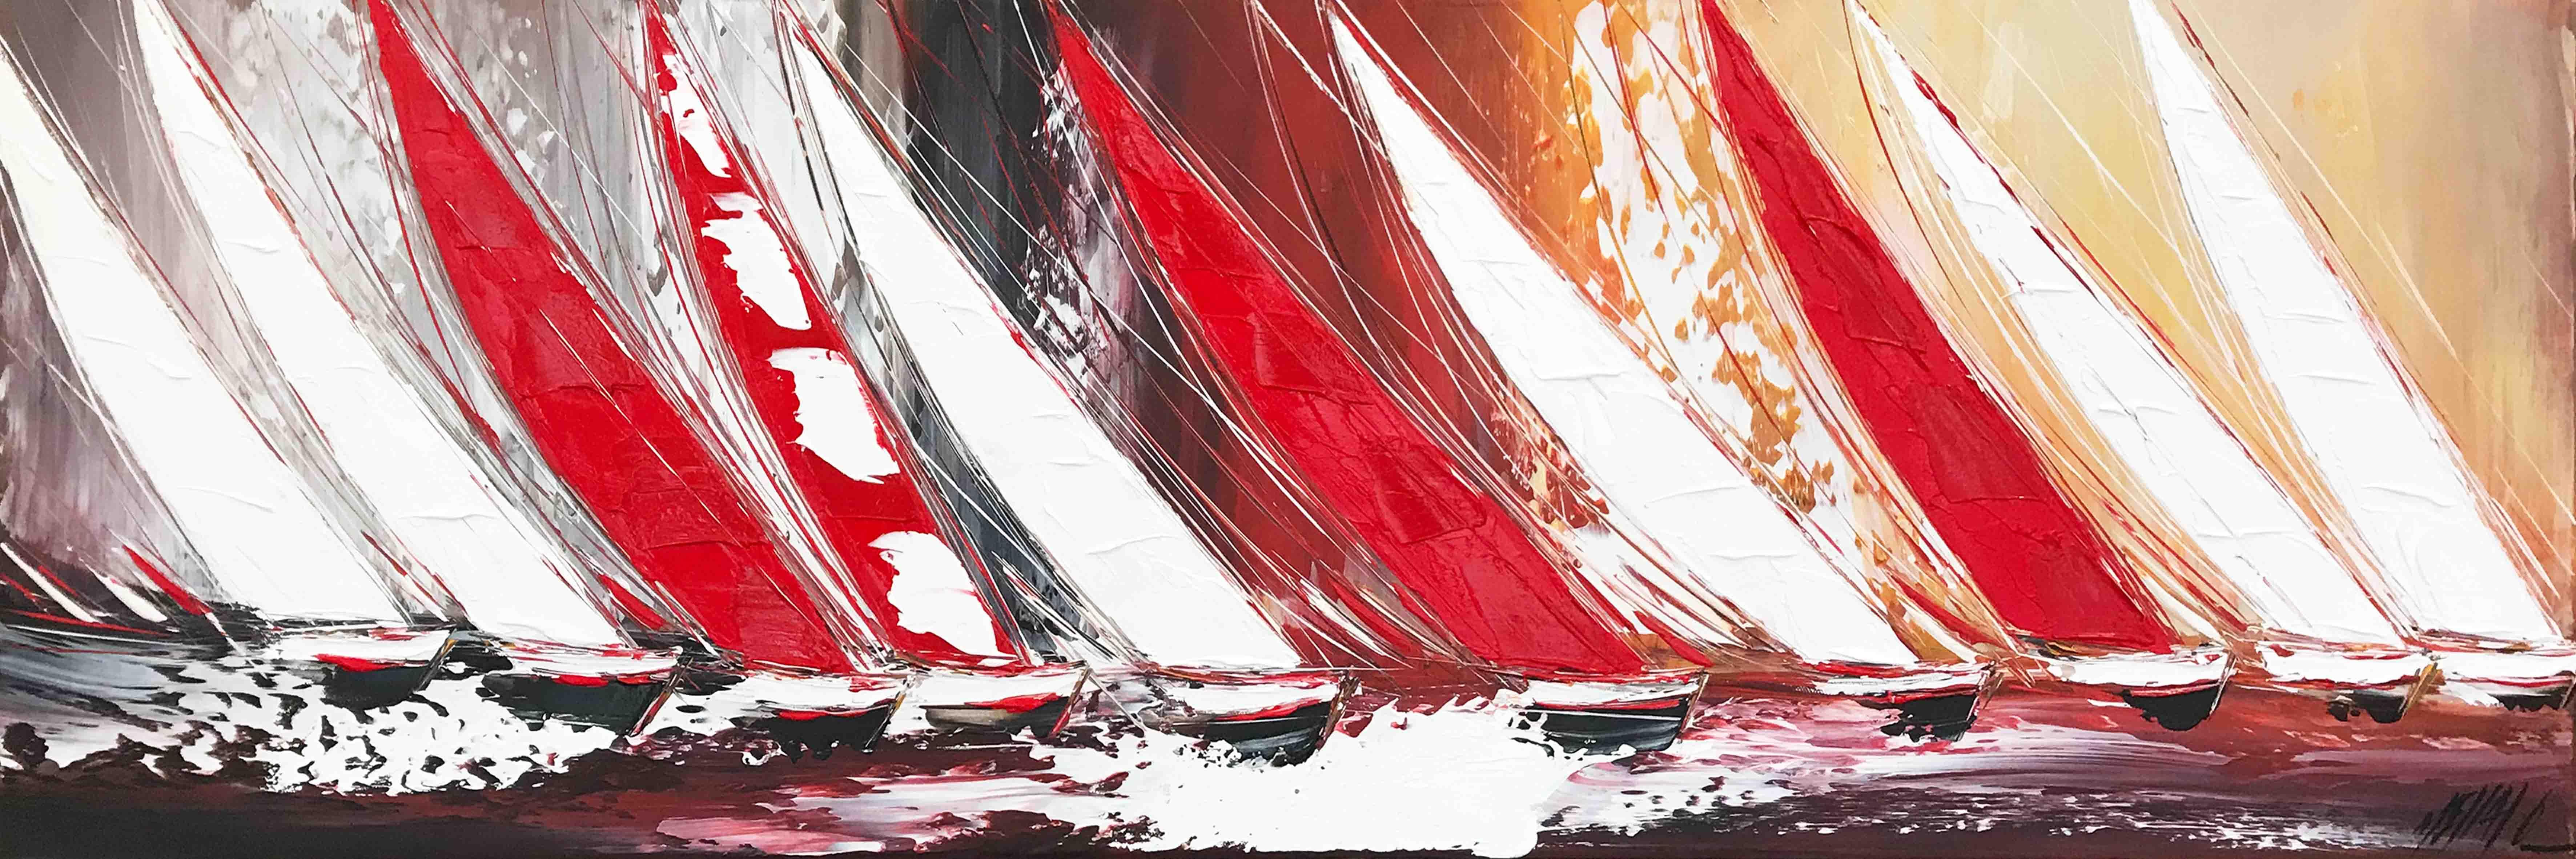 Les voiles rouges...   40x120cm